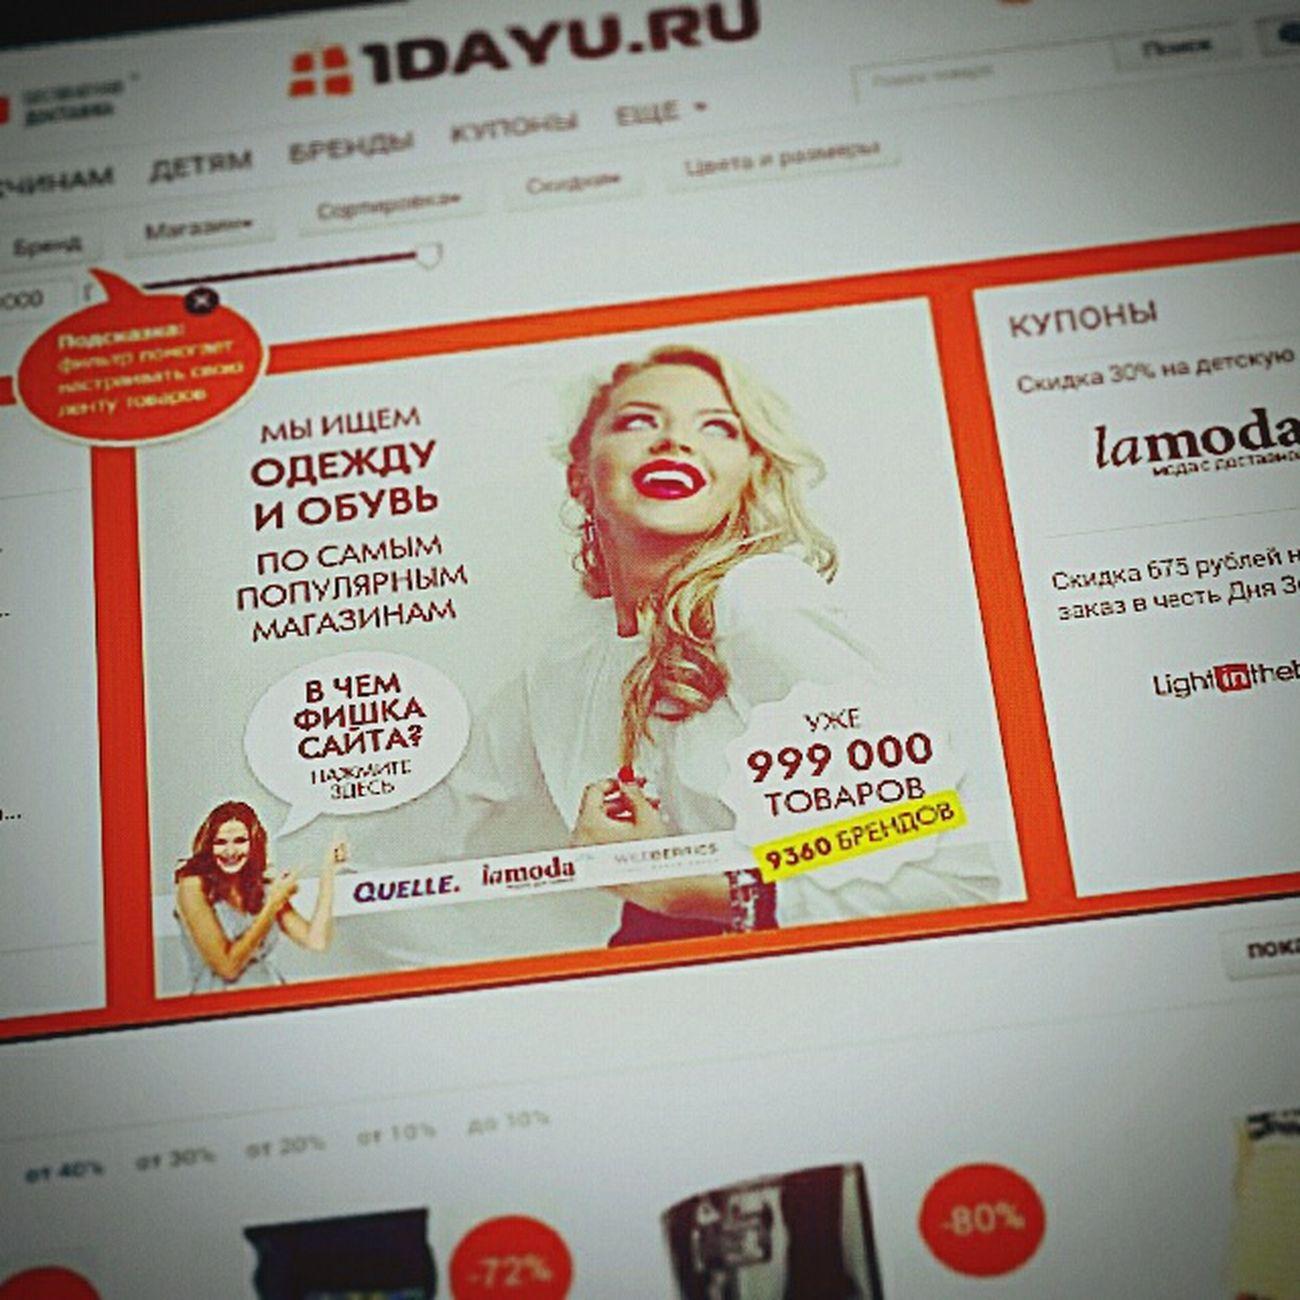 шопинг шоппинг шопингдень шопоголизм шоп шопинг) шопоголики Шопингмоялюбоф покупочки покупки